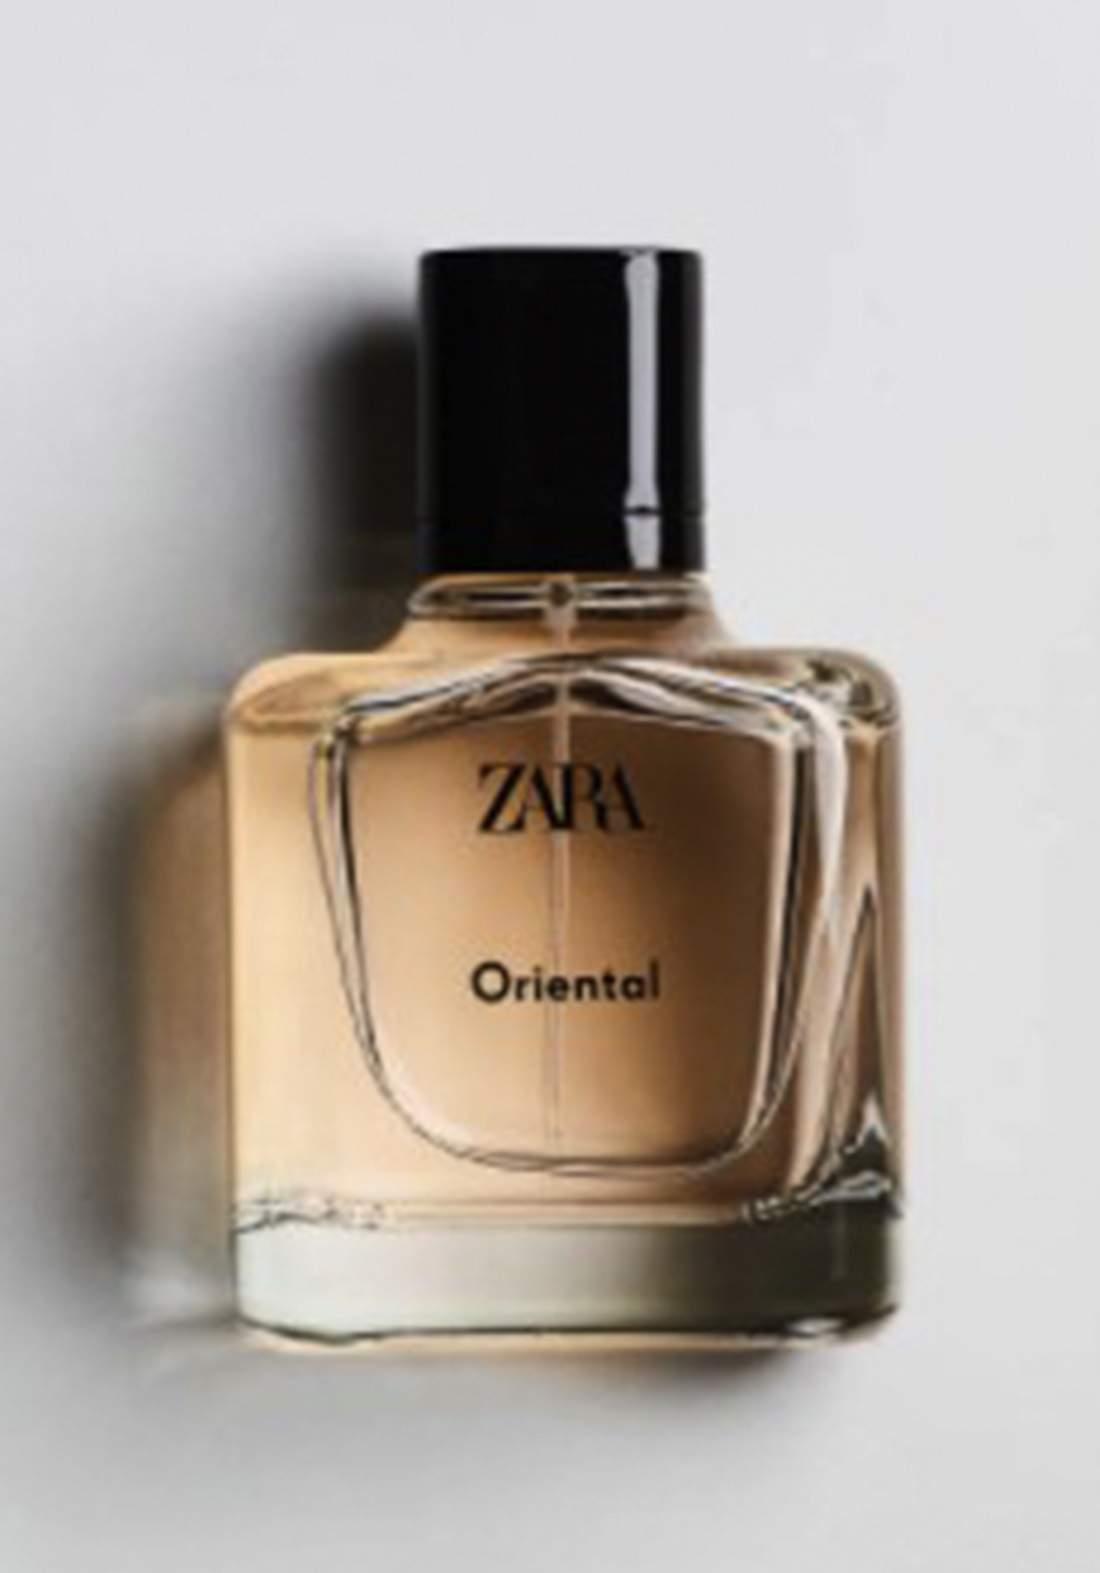 Zara Oriental  Edt 100 Ml عطر نسائي